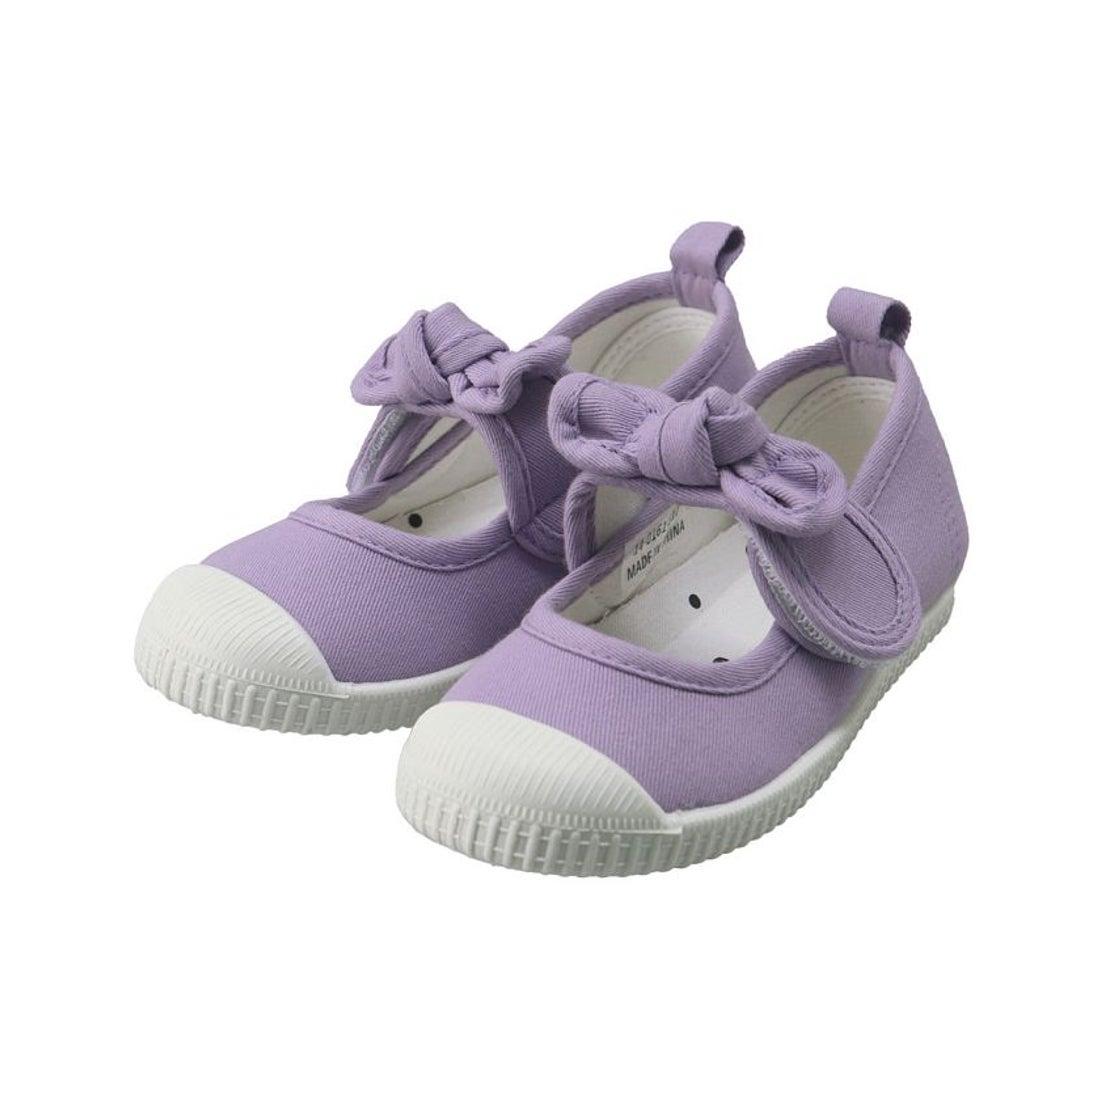 ロコンド 靴とファッションの通販サイトbranshes リボンストラップバレエシューズ(14〜19cm)(ラベンダー)【返品不可商品】